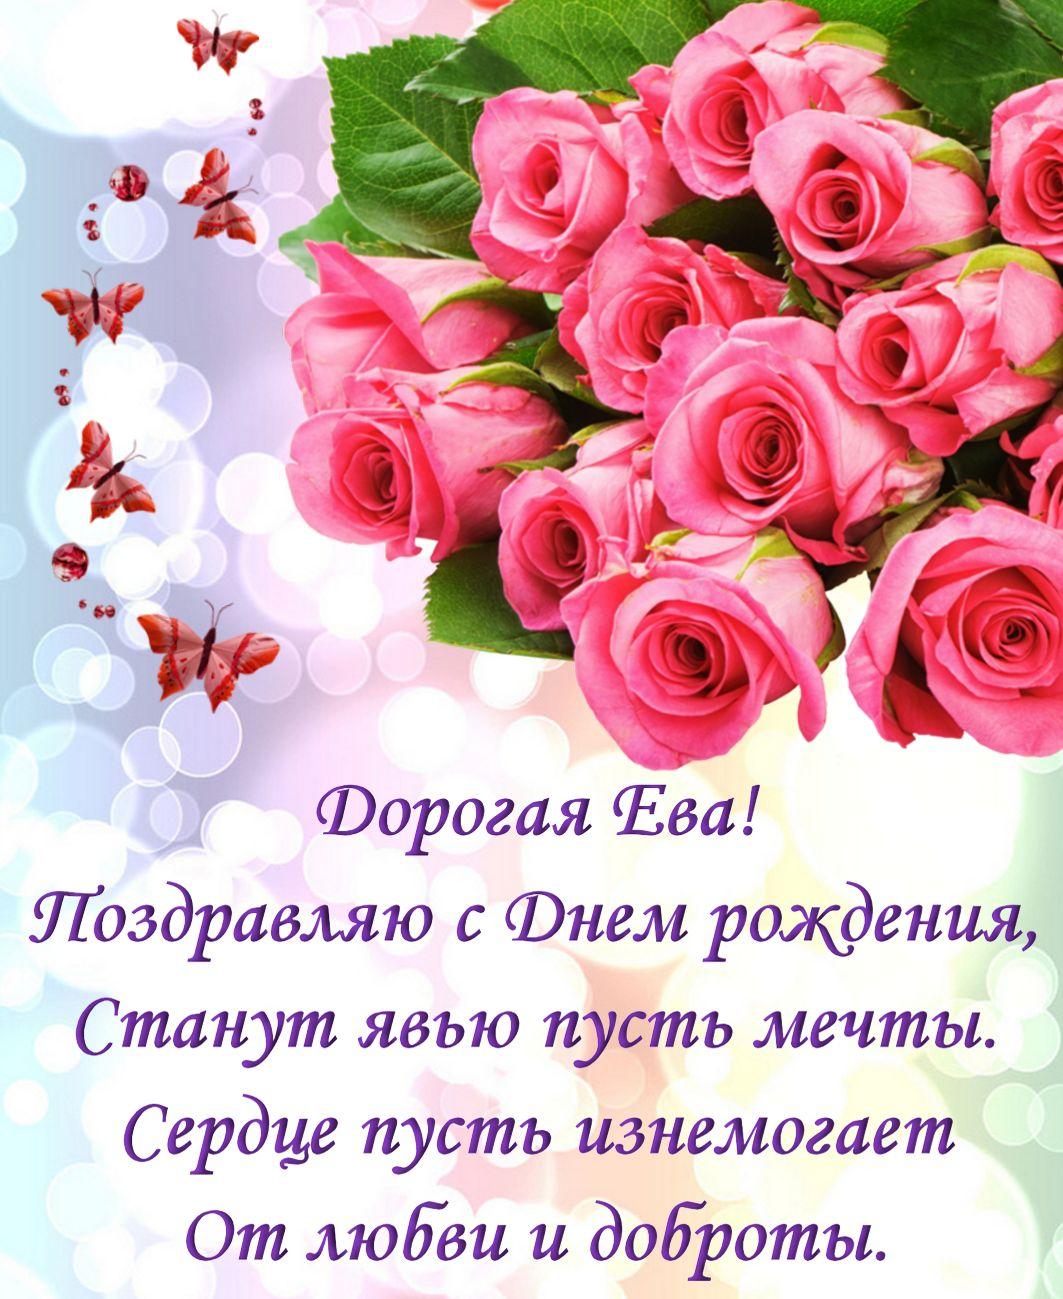 Фото прямоугольных клумб и их цветы